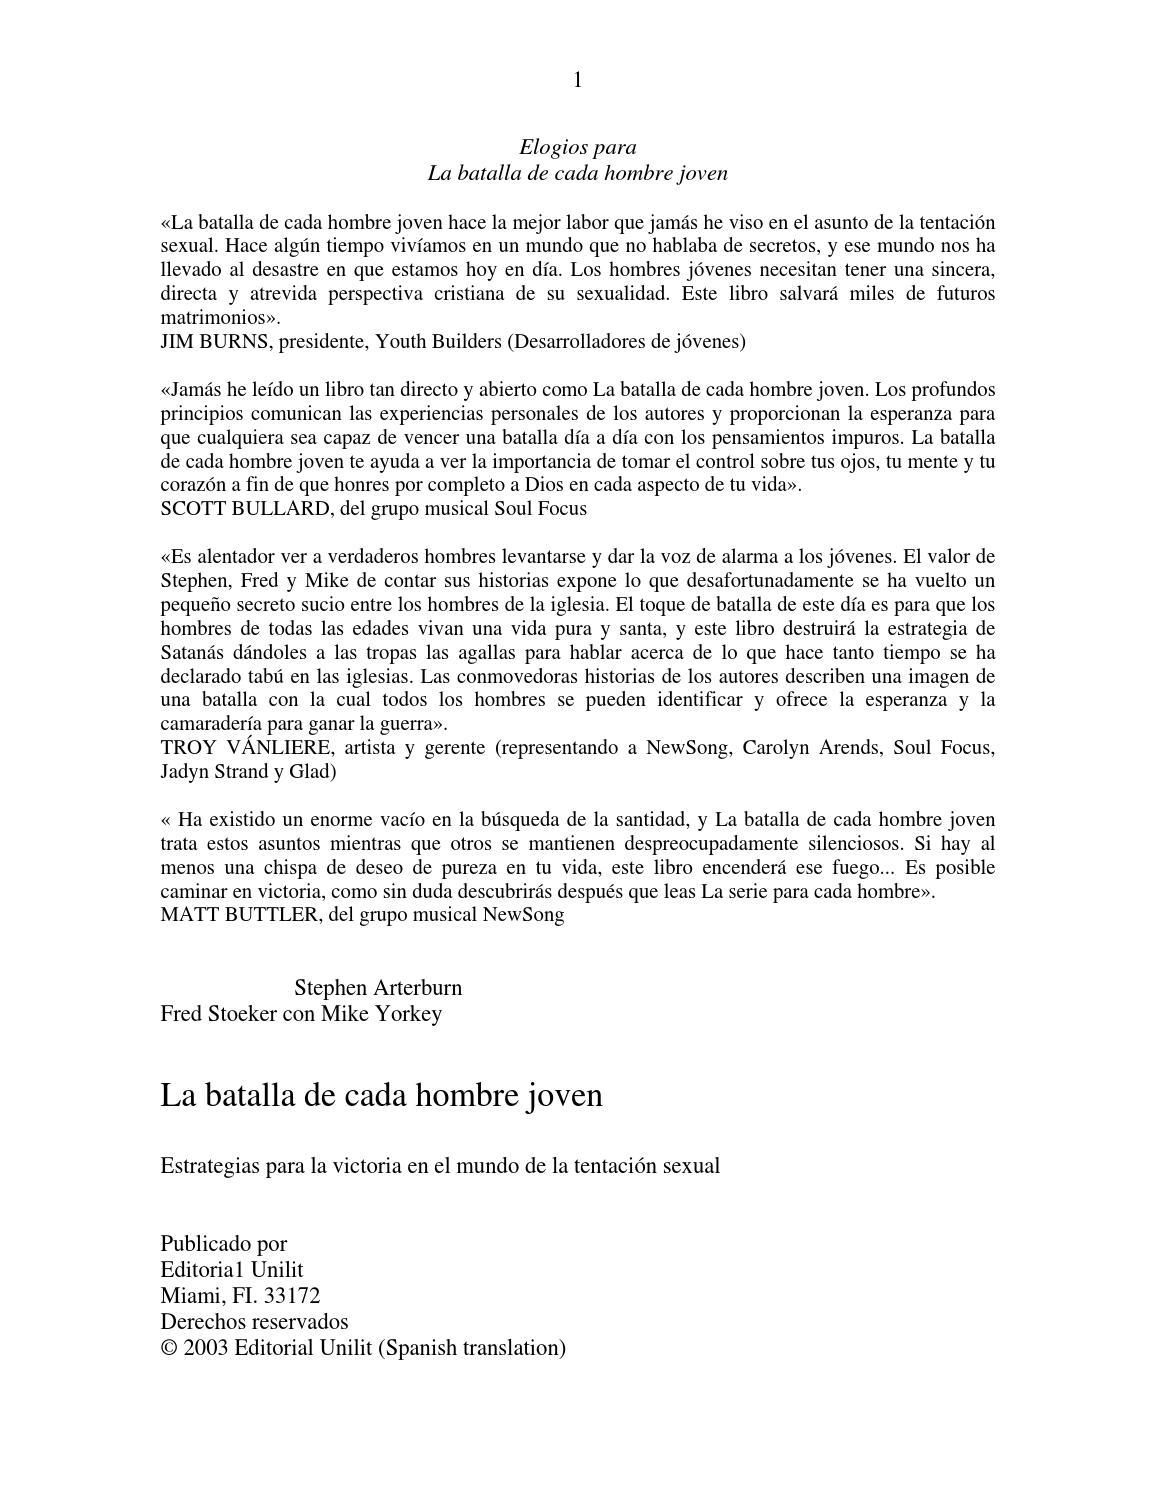 Nos Masturvamos En El Sofa Porno Casero la batalla de cada hombre joven pdfgonzalez nathalie - issuu